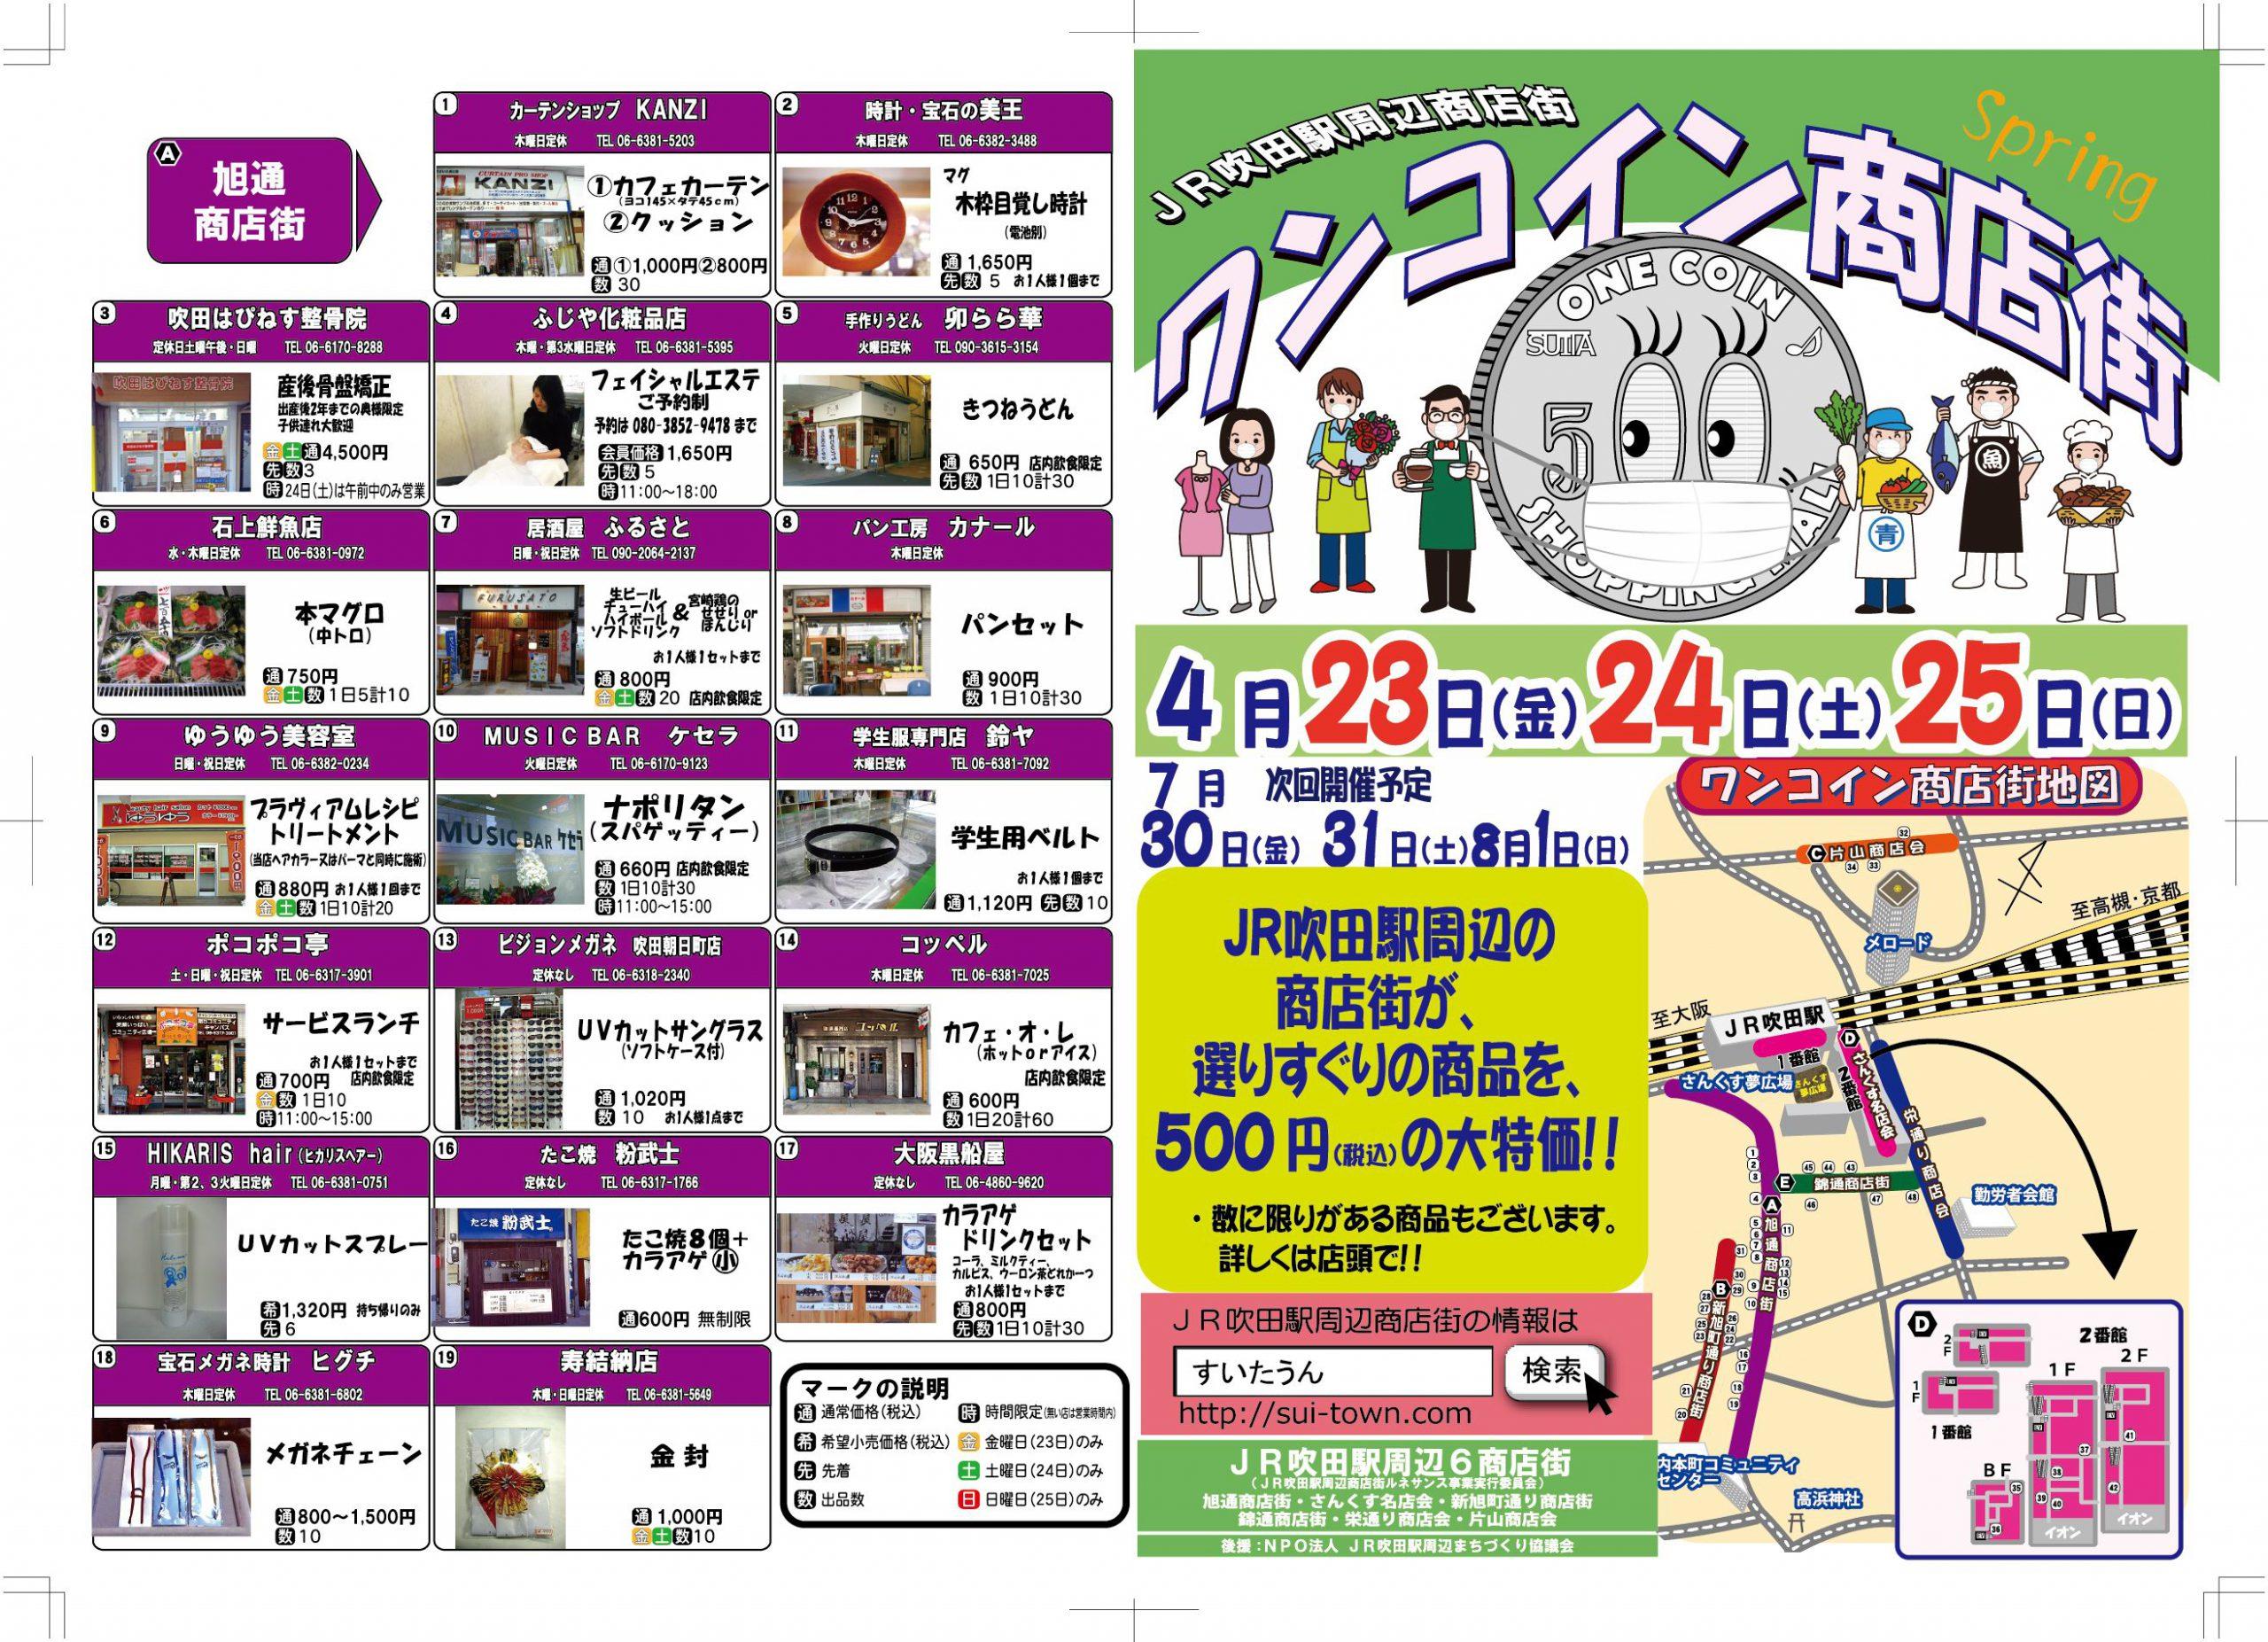 JR吹田駅周辺商店街で実施するワンコイン商店街のイベント案内チラシ